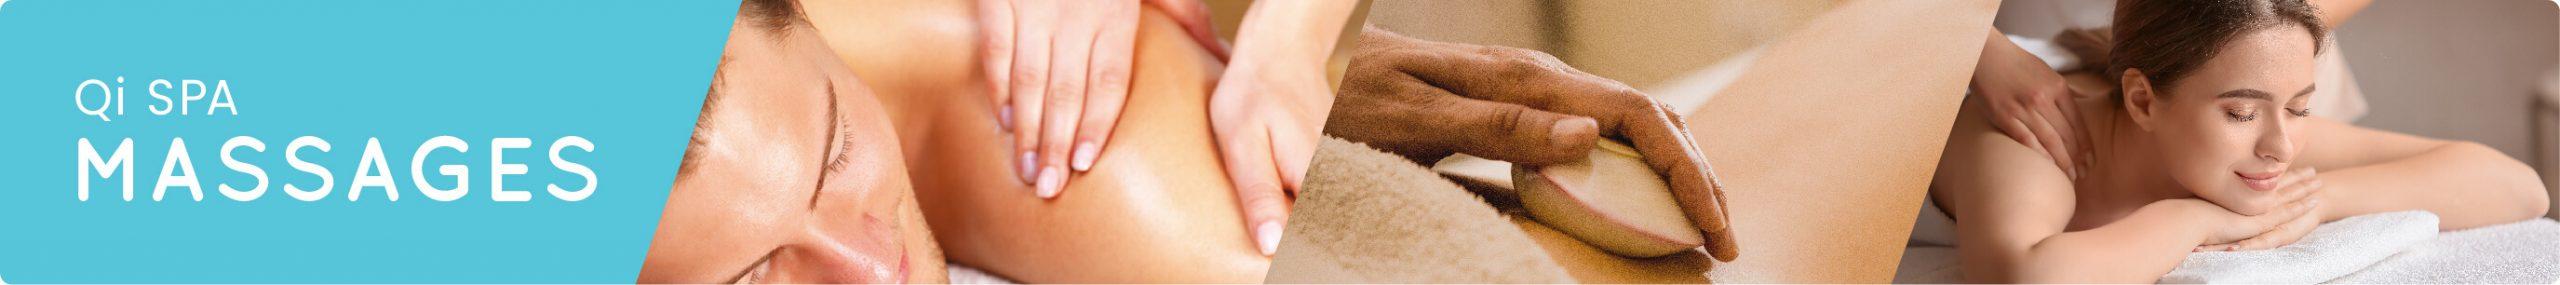 qi spa massages